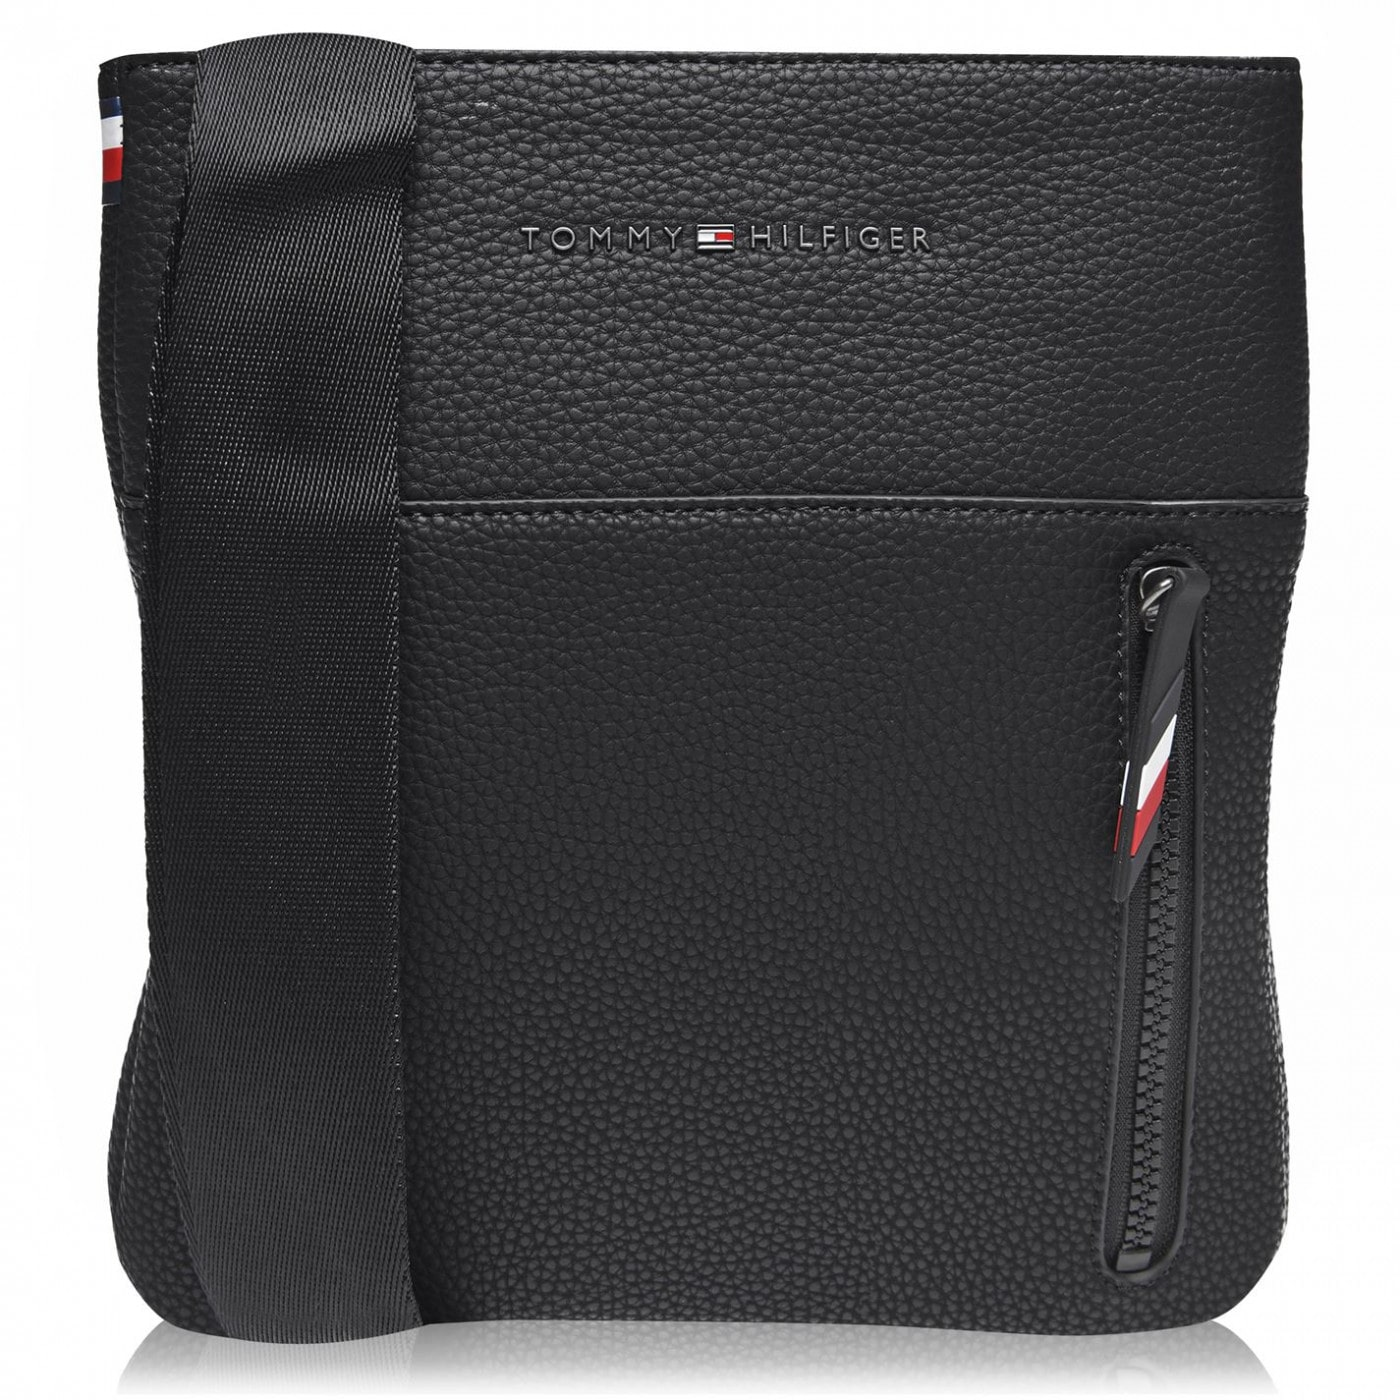 Tommy Hilfiger Essential Cross Body Bag